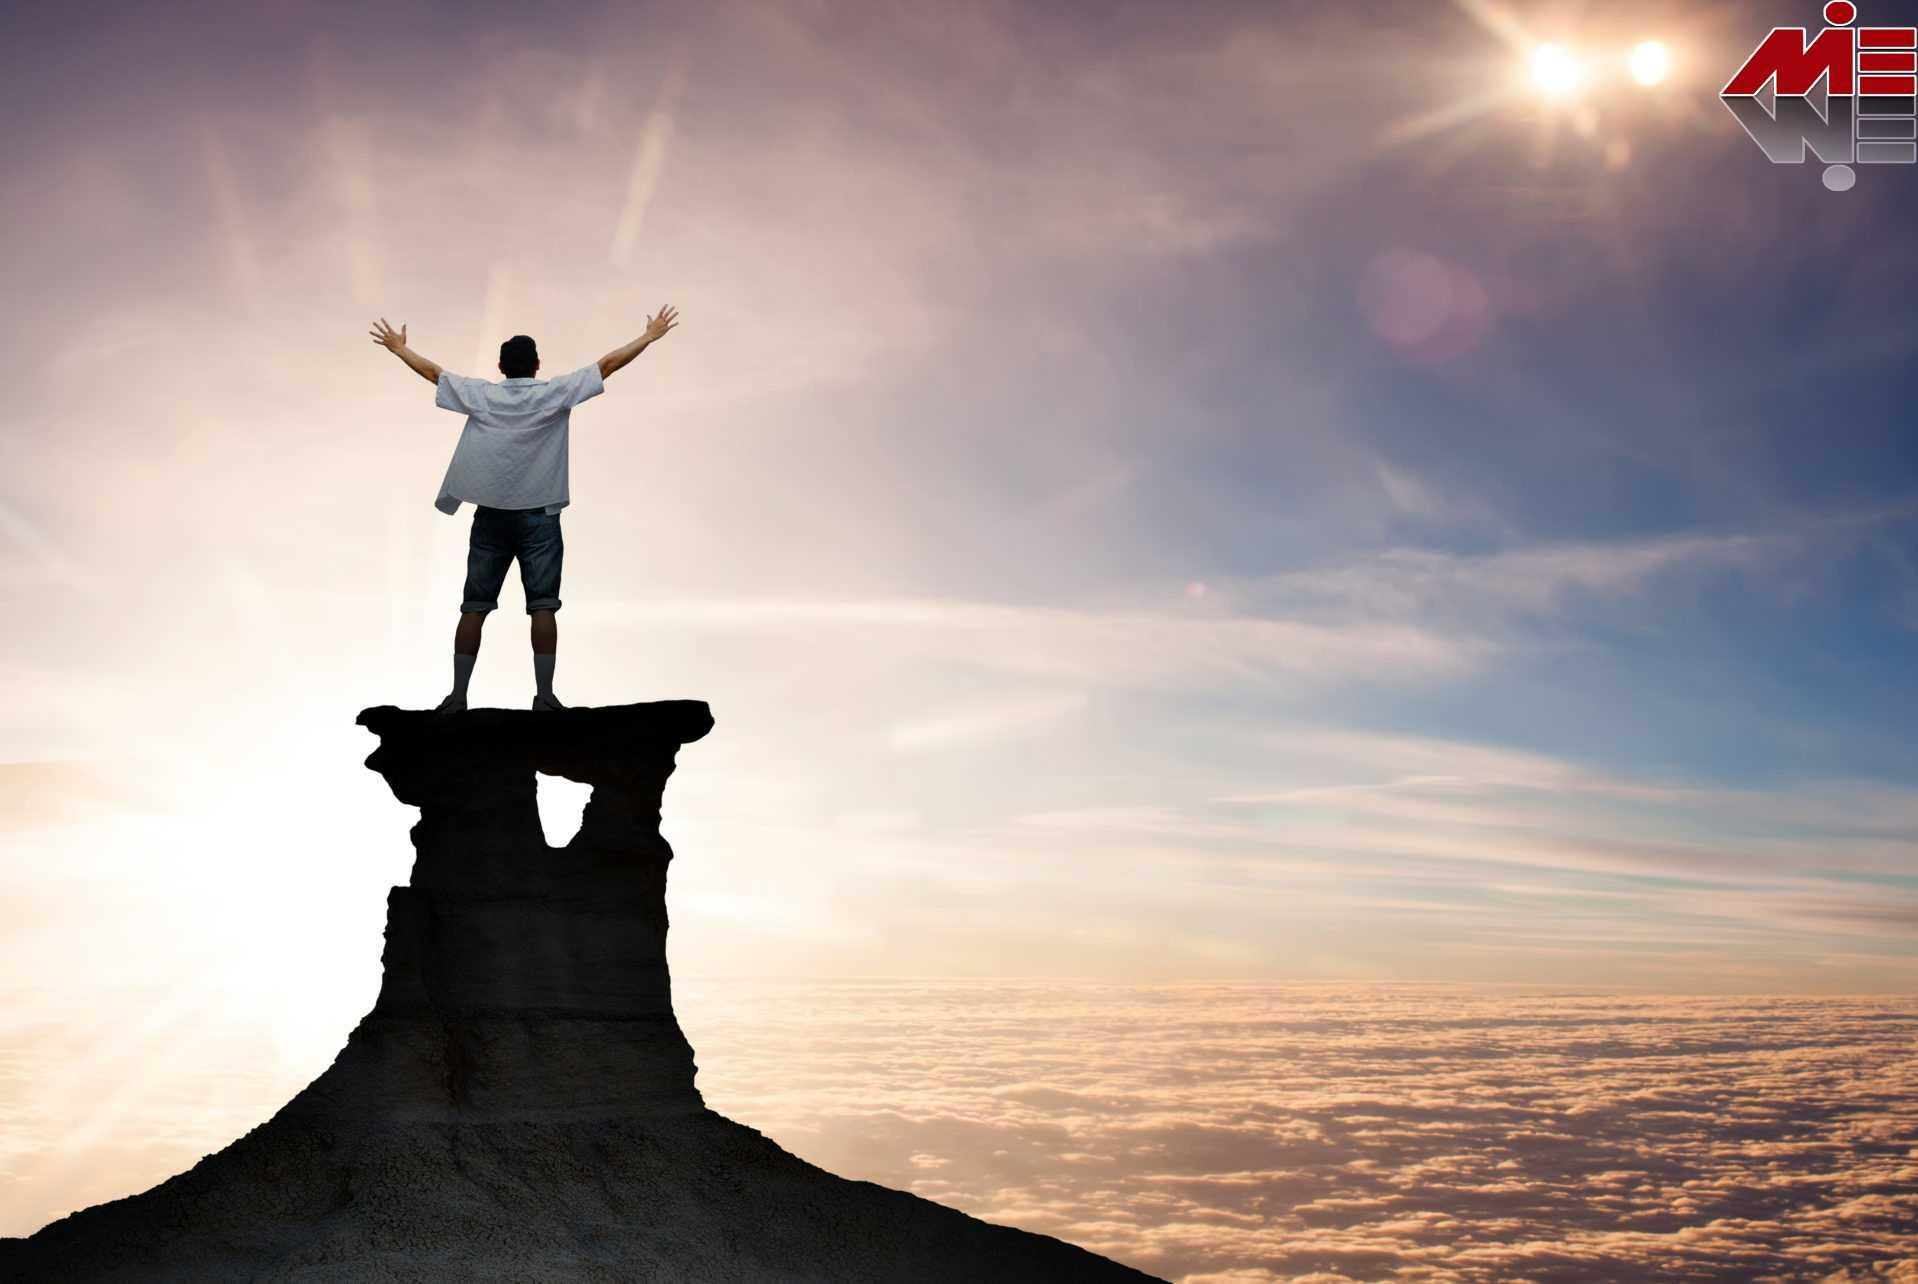 موفقیت 2 داستان موفقیت